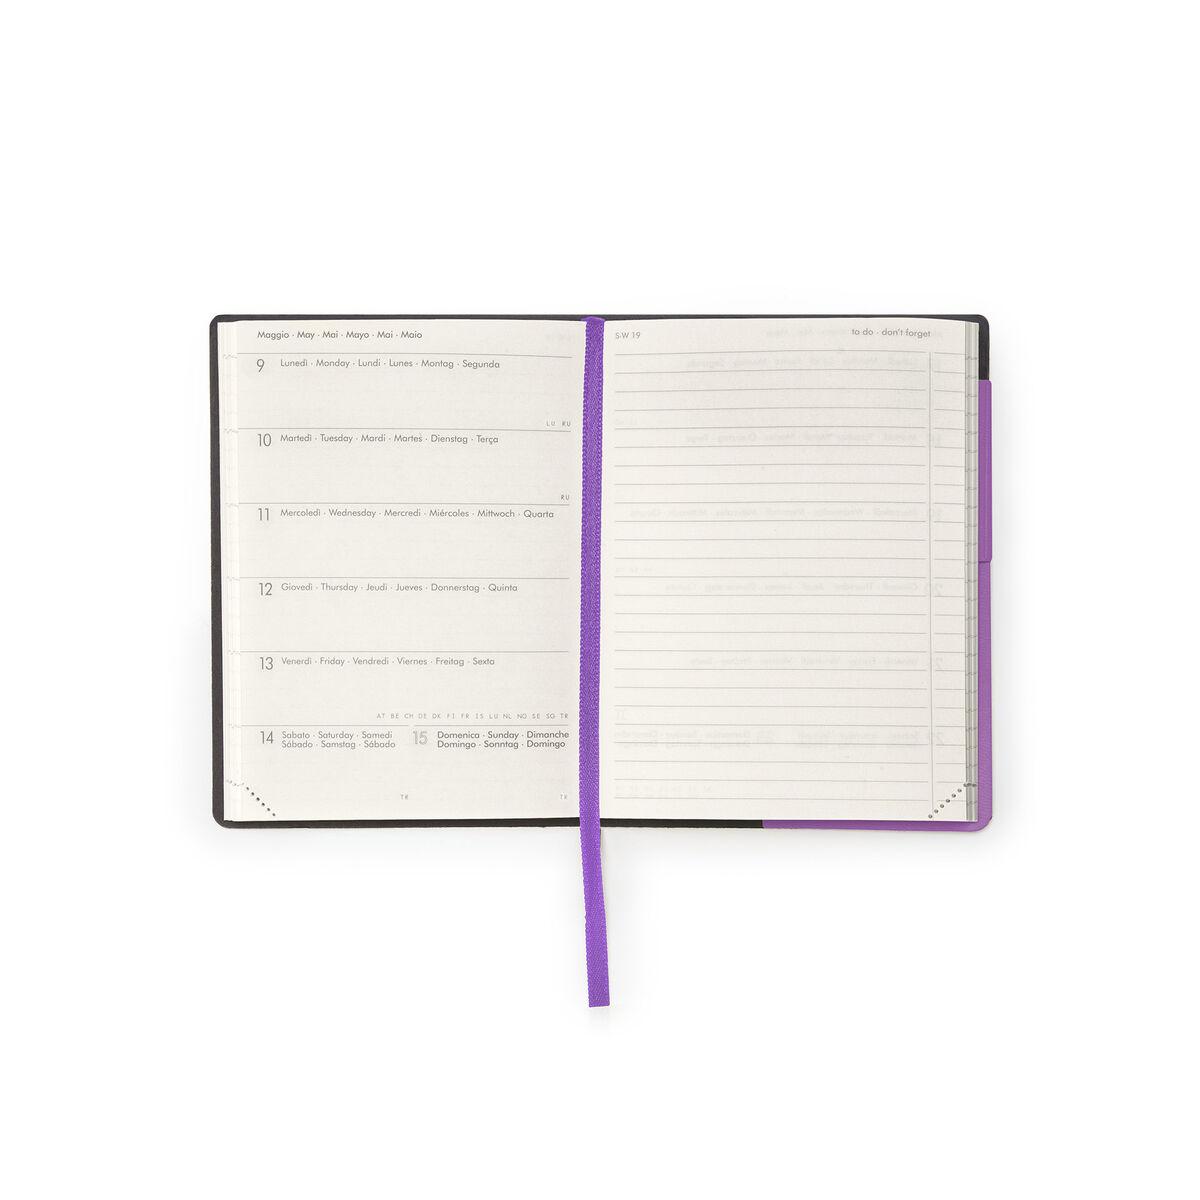 Agenda 18 Mesi Settimanale - Small - Con Notebook - 2021/2022, , zoo